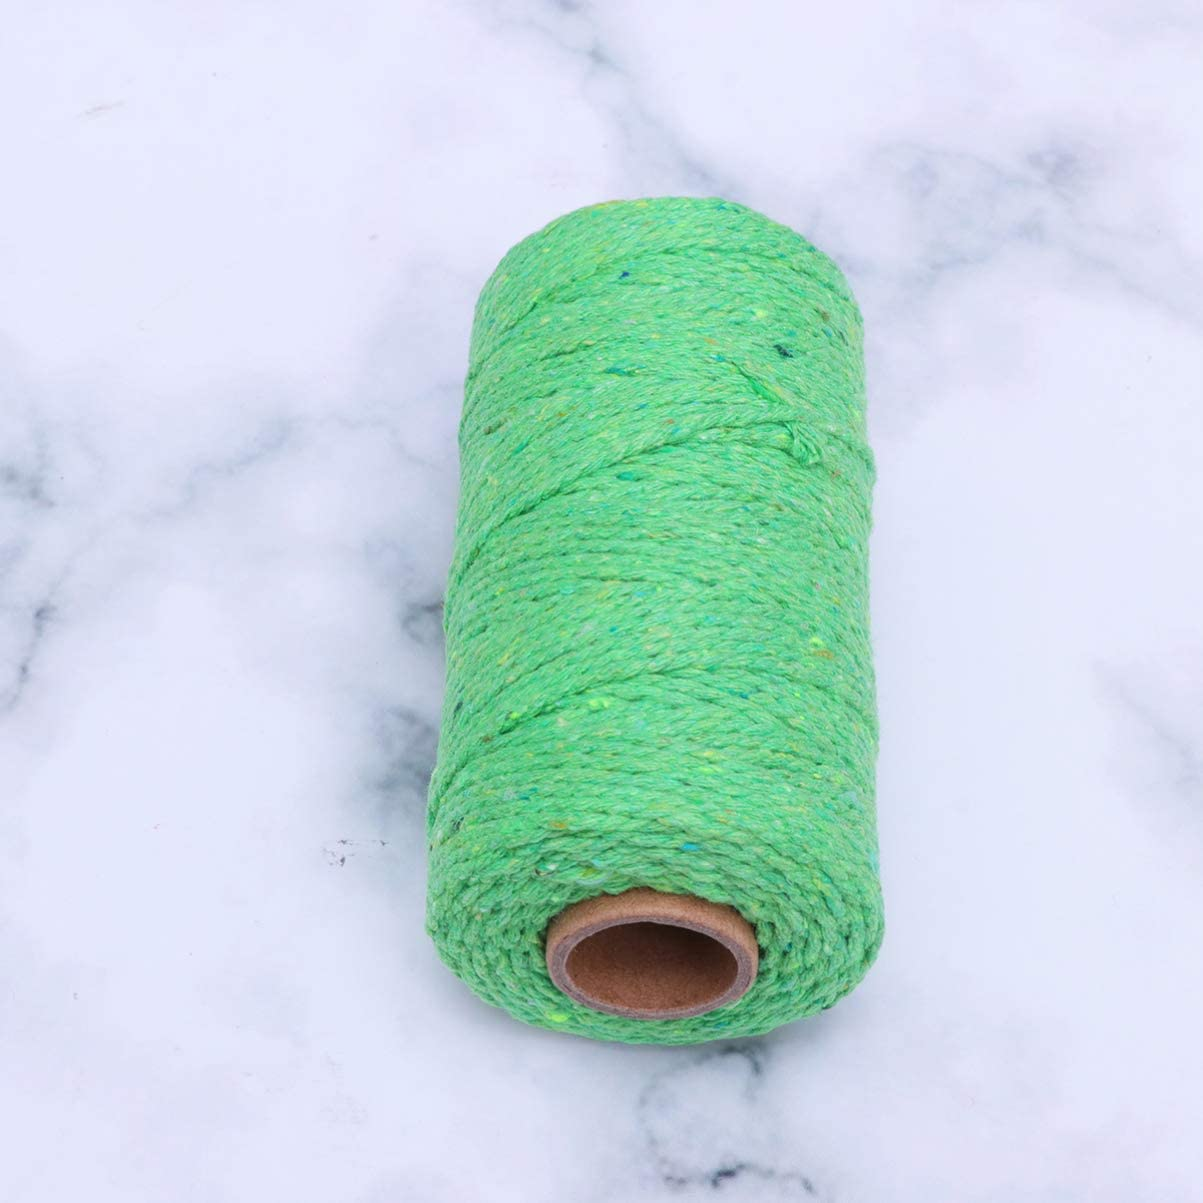 HEALLILY Corde en Macram/é de 2 Mm en Coton Naturel en Macram/é Cordon Bricolage pour Suspension de Plantes Suspendues Artisanat Fabrication de Tricot